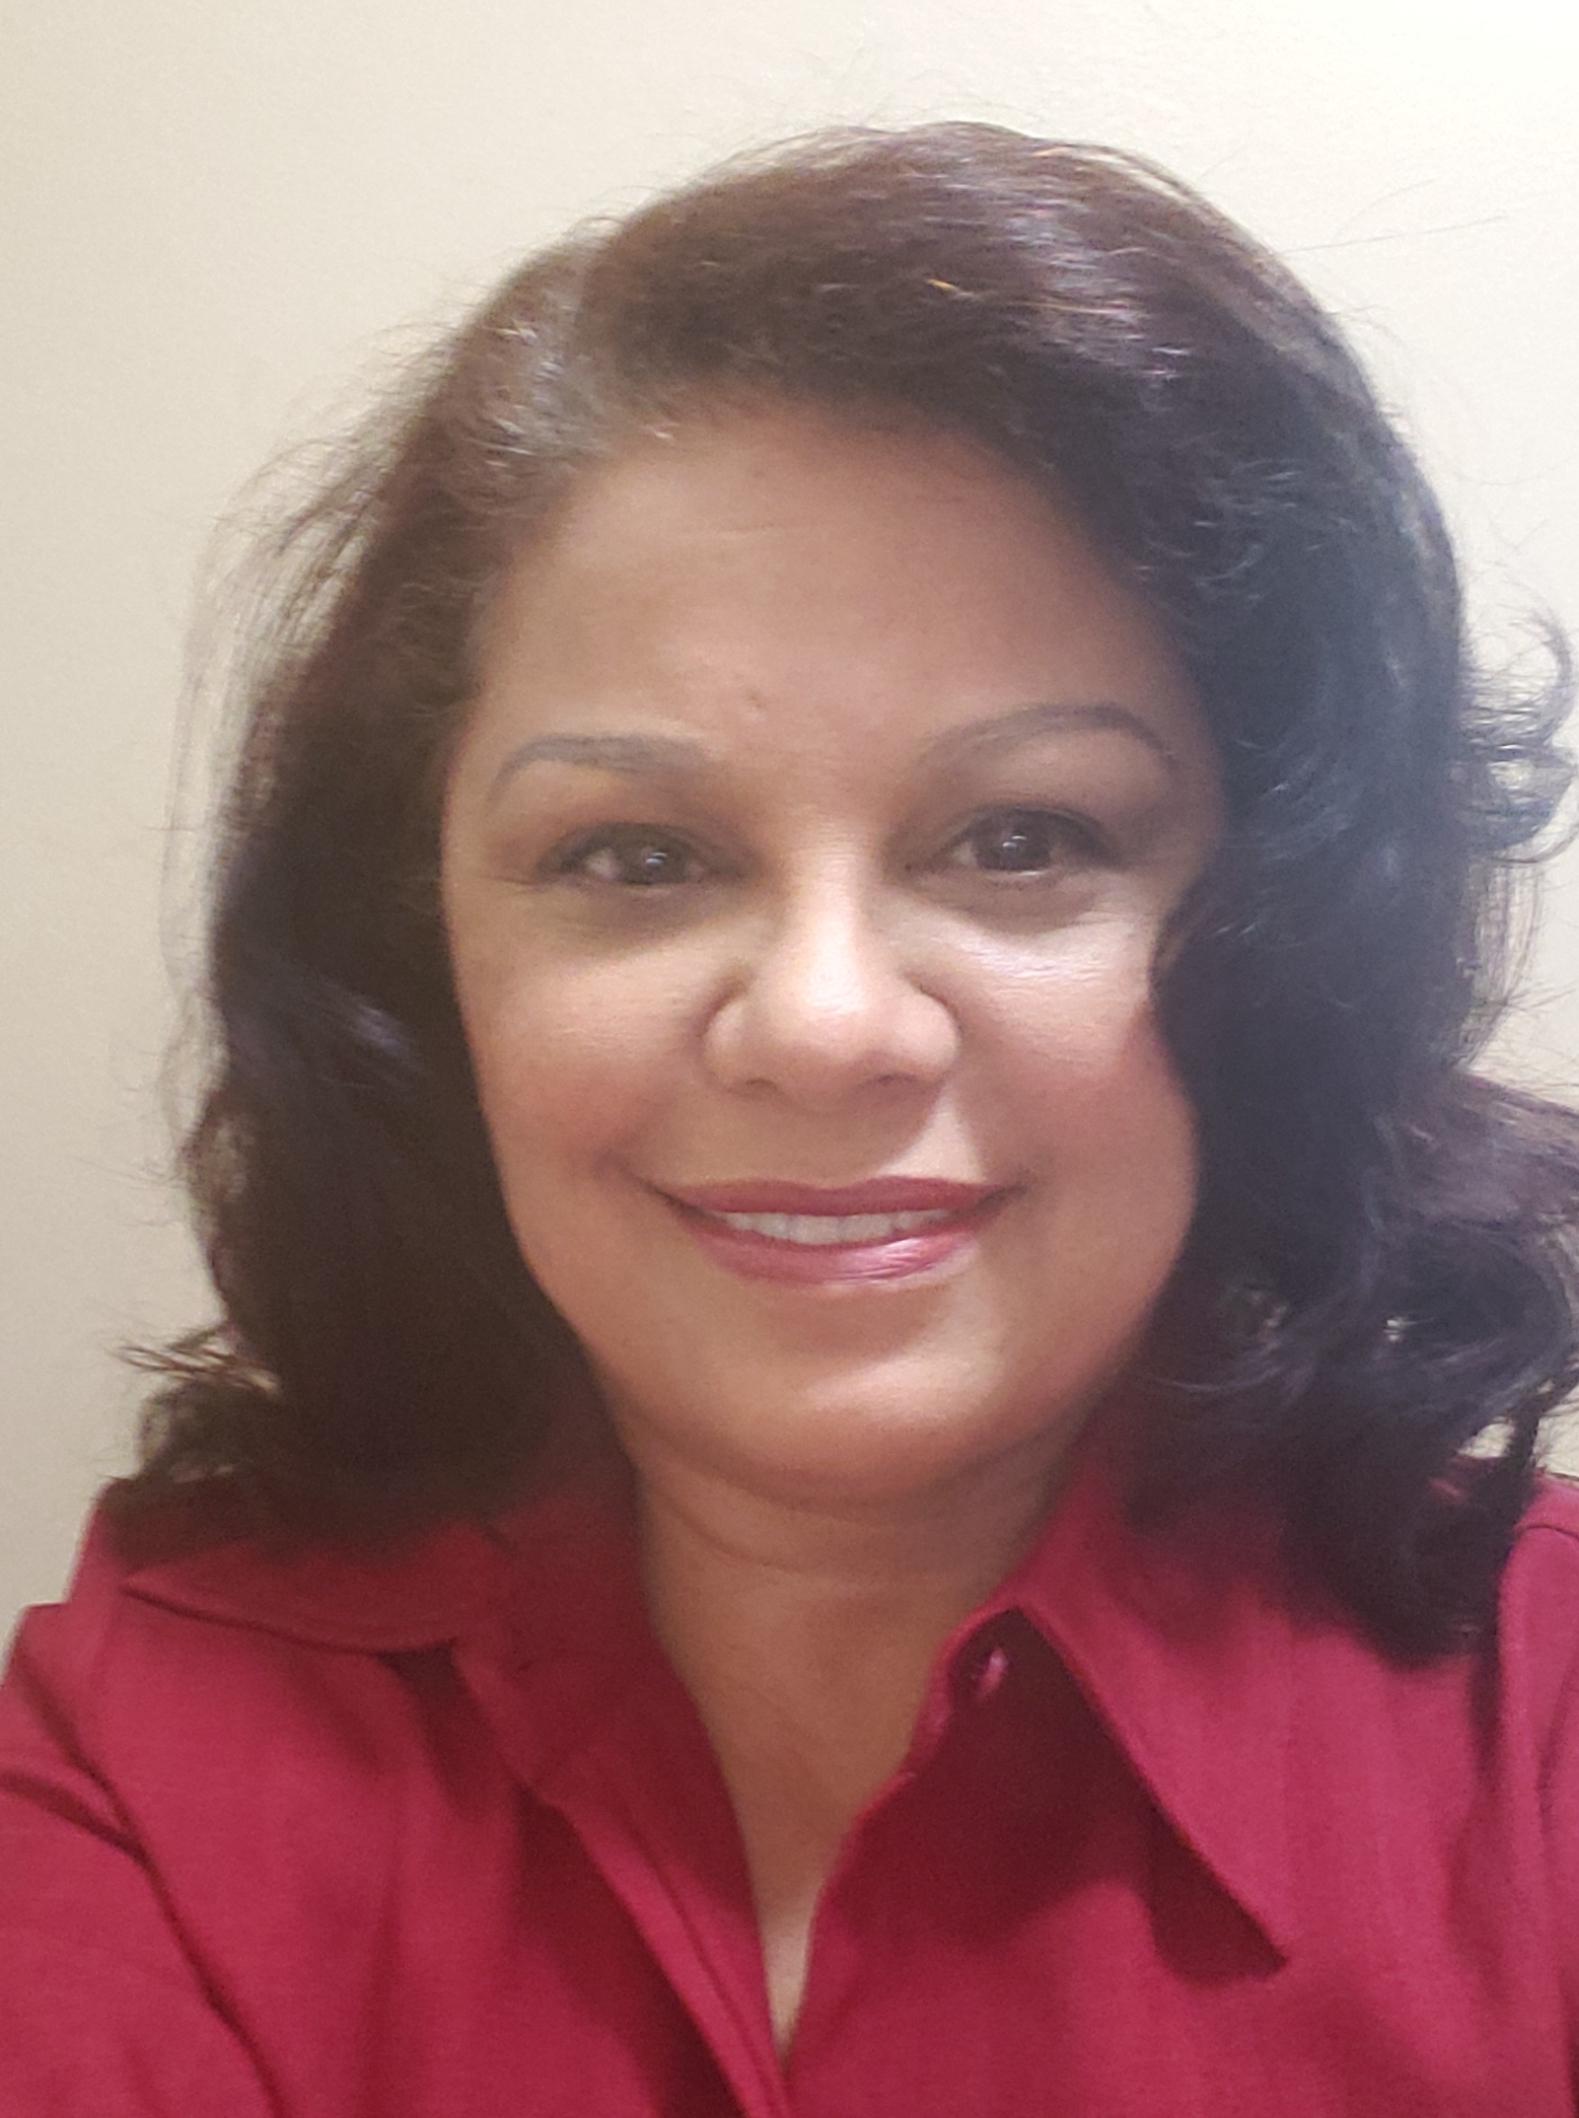 Madeline Castro's photo'